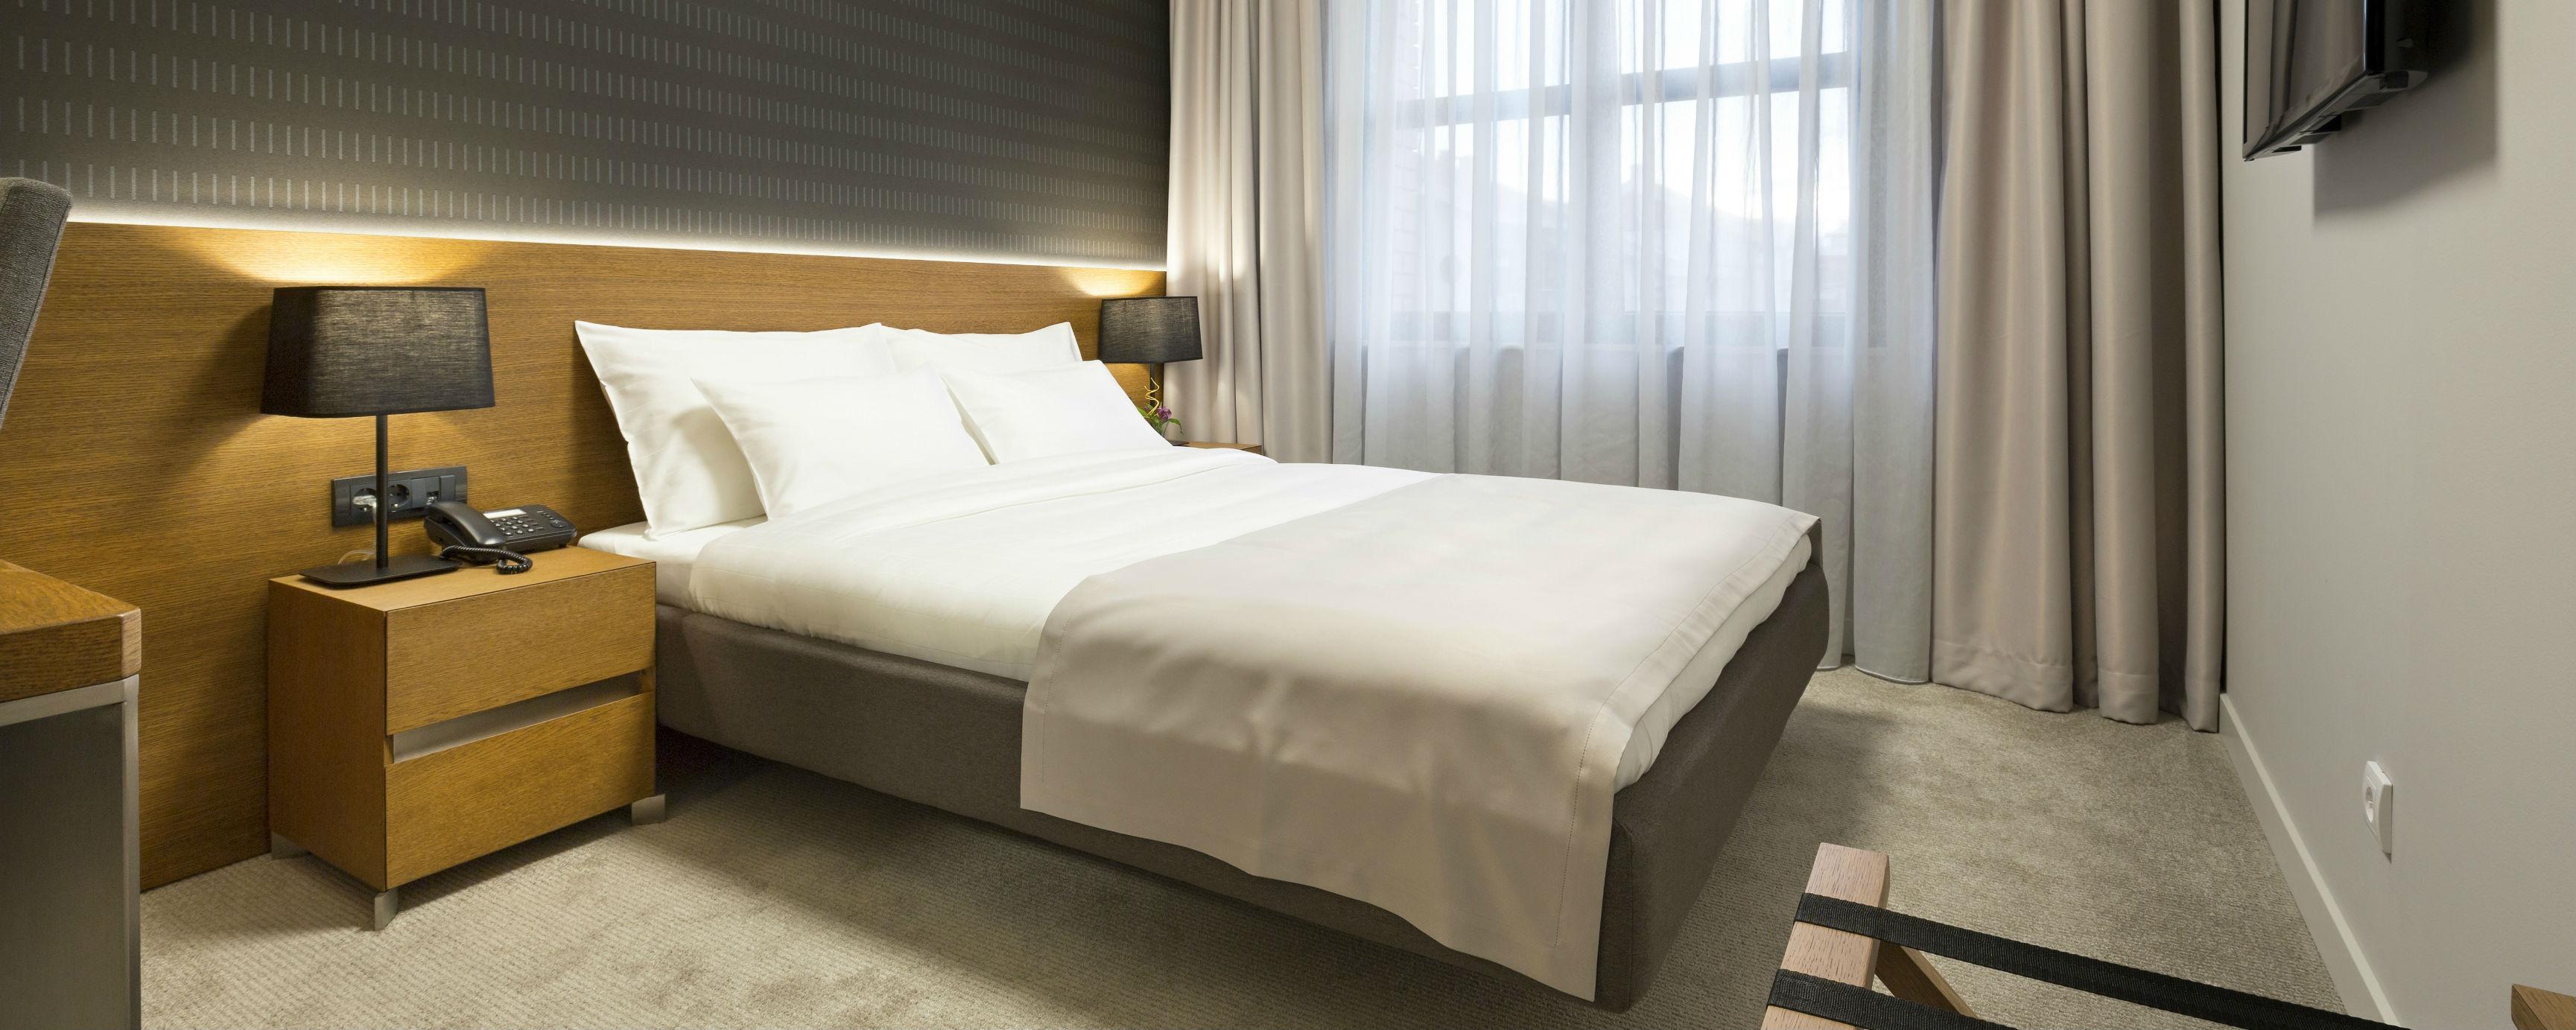 Hospitality Beds